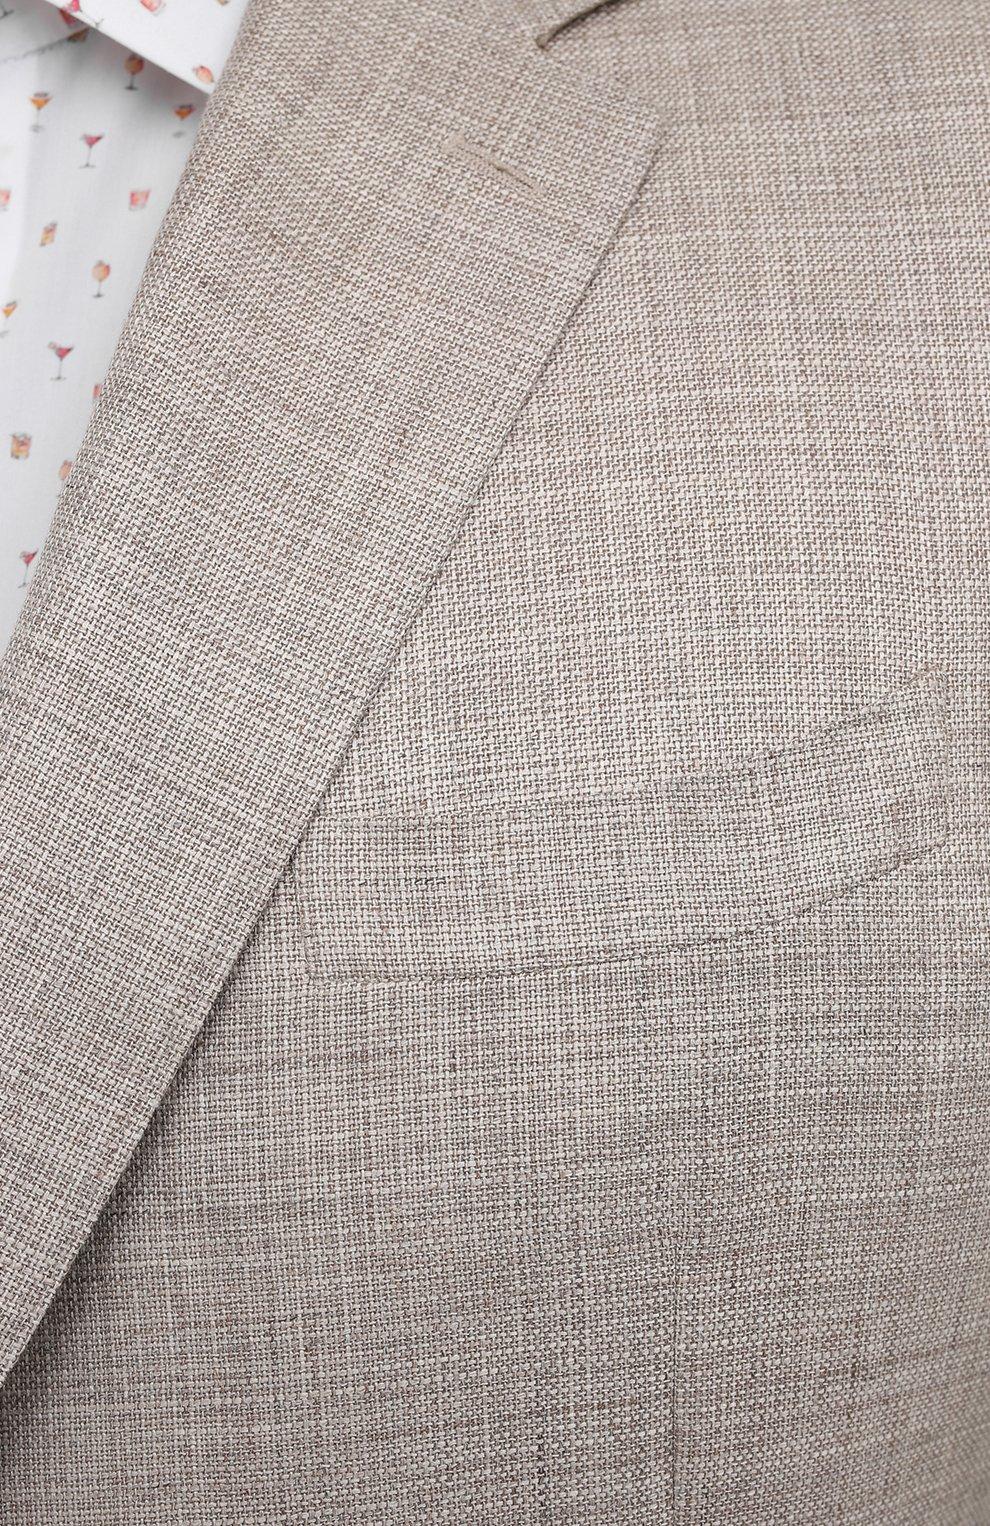 Мужской пиджак из шерсти и шелка CANALI бежевого цвета, арт. 21280/CU00383/60-64 | Фото 5